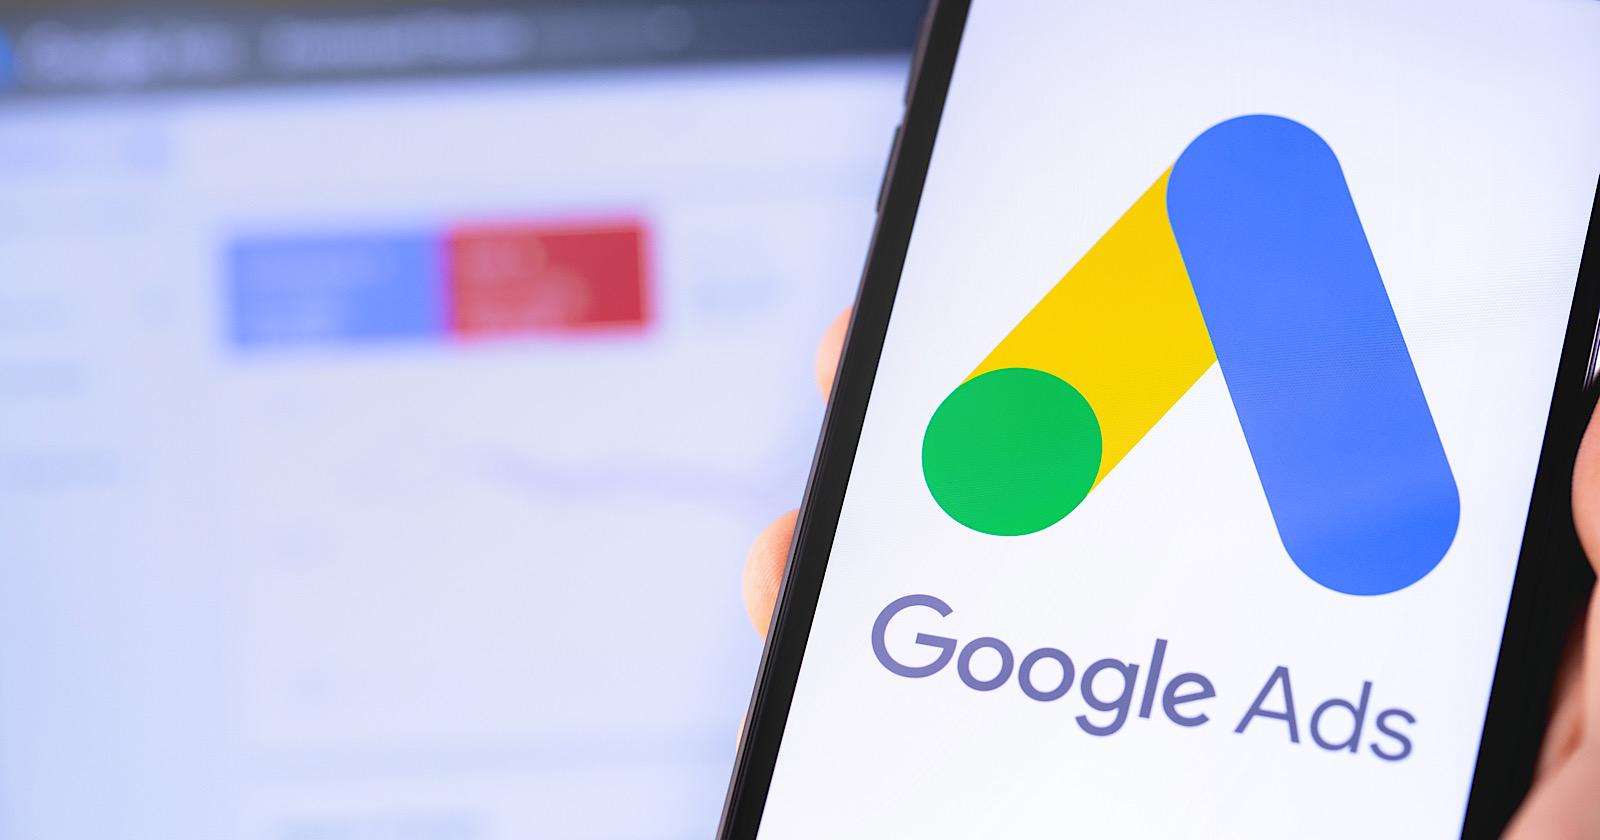 Google Ads перевёл адаптивные поисковые объявления в формат по умолчанию